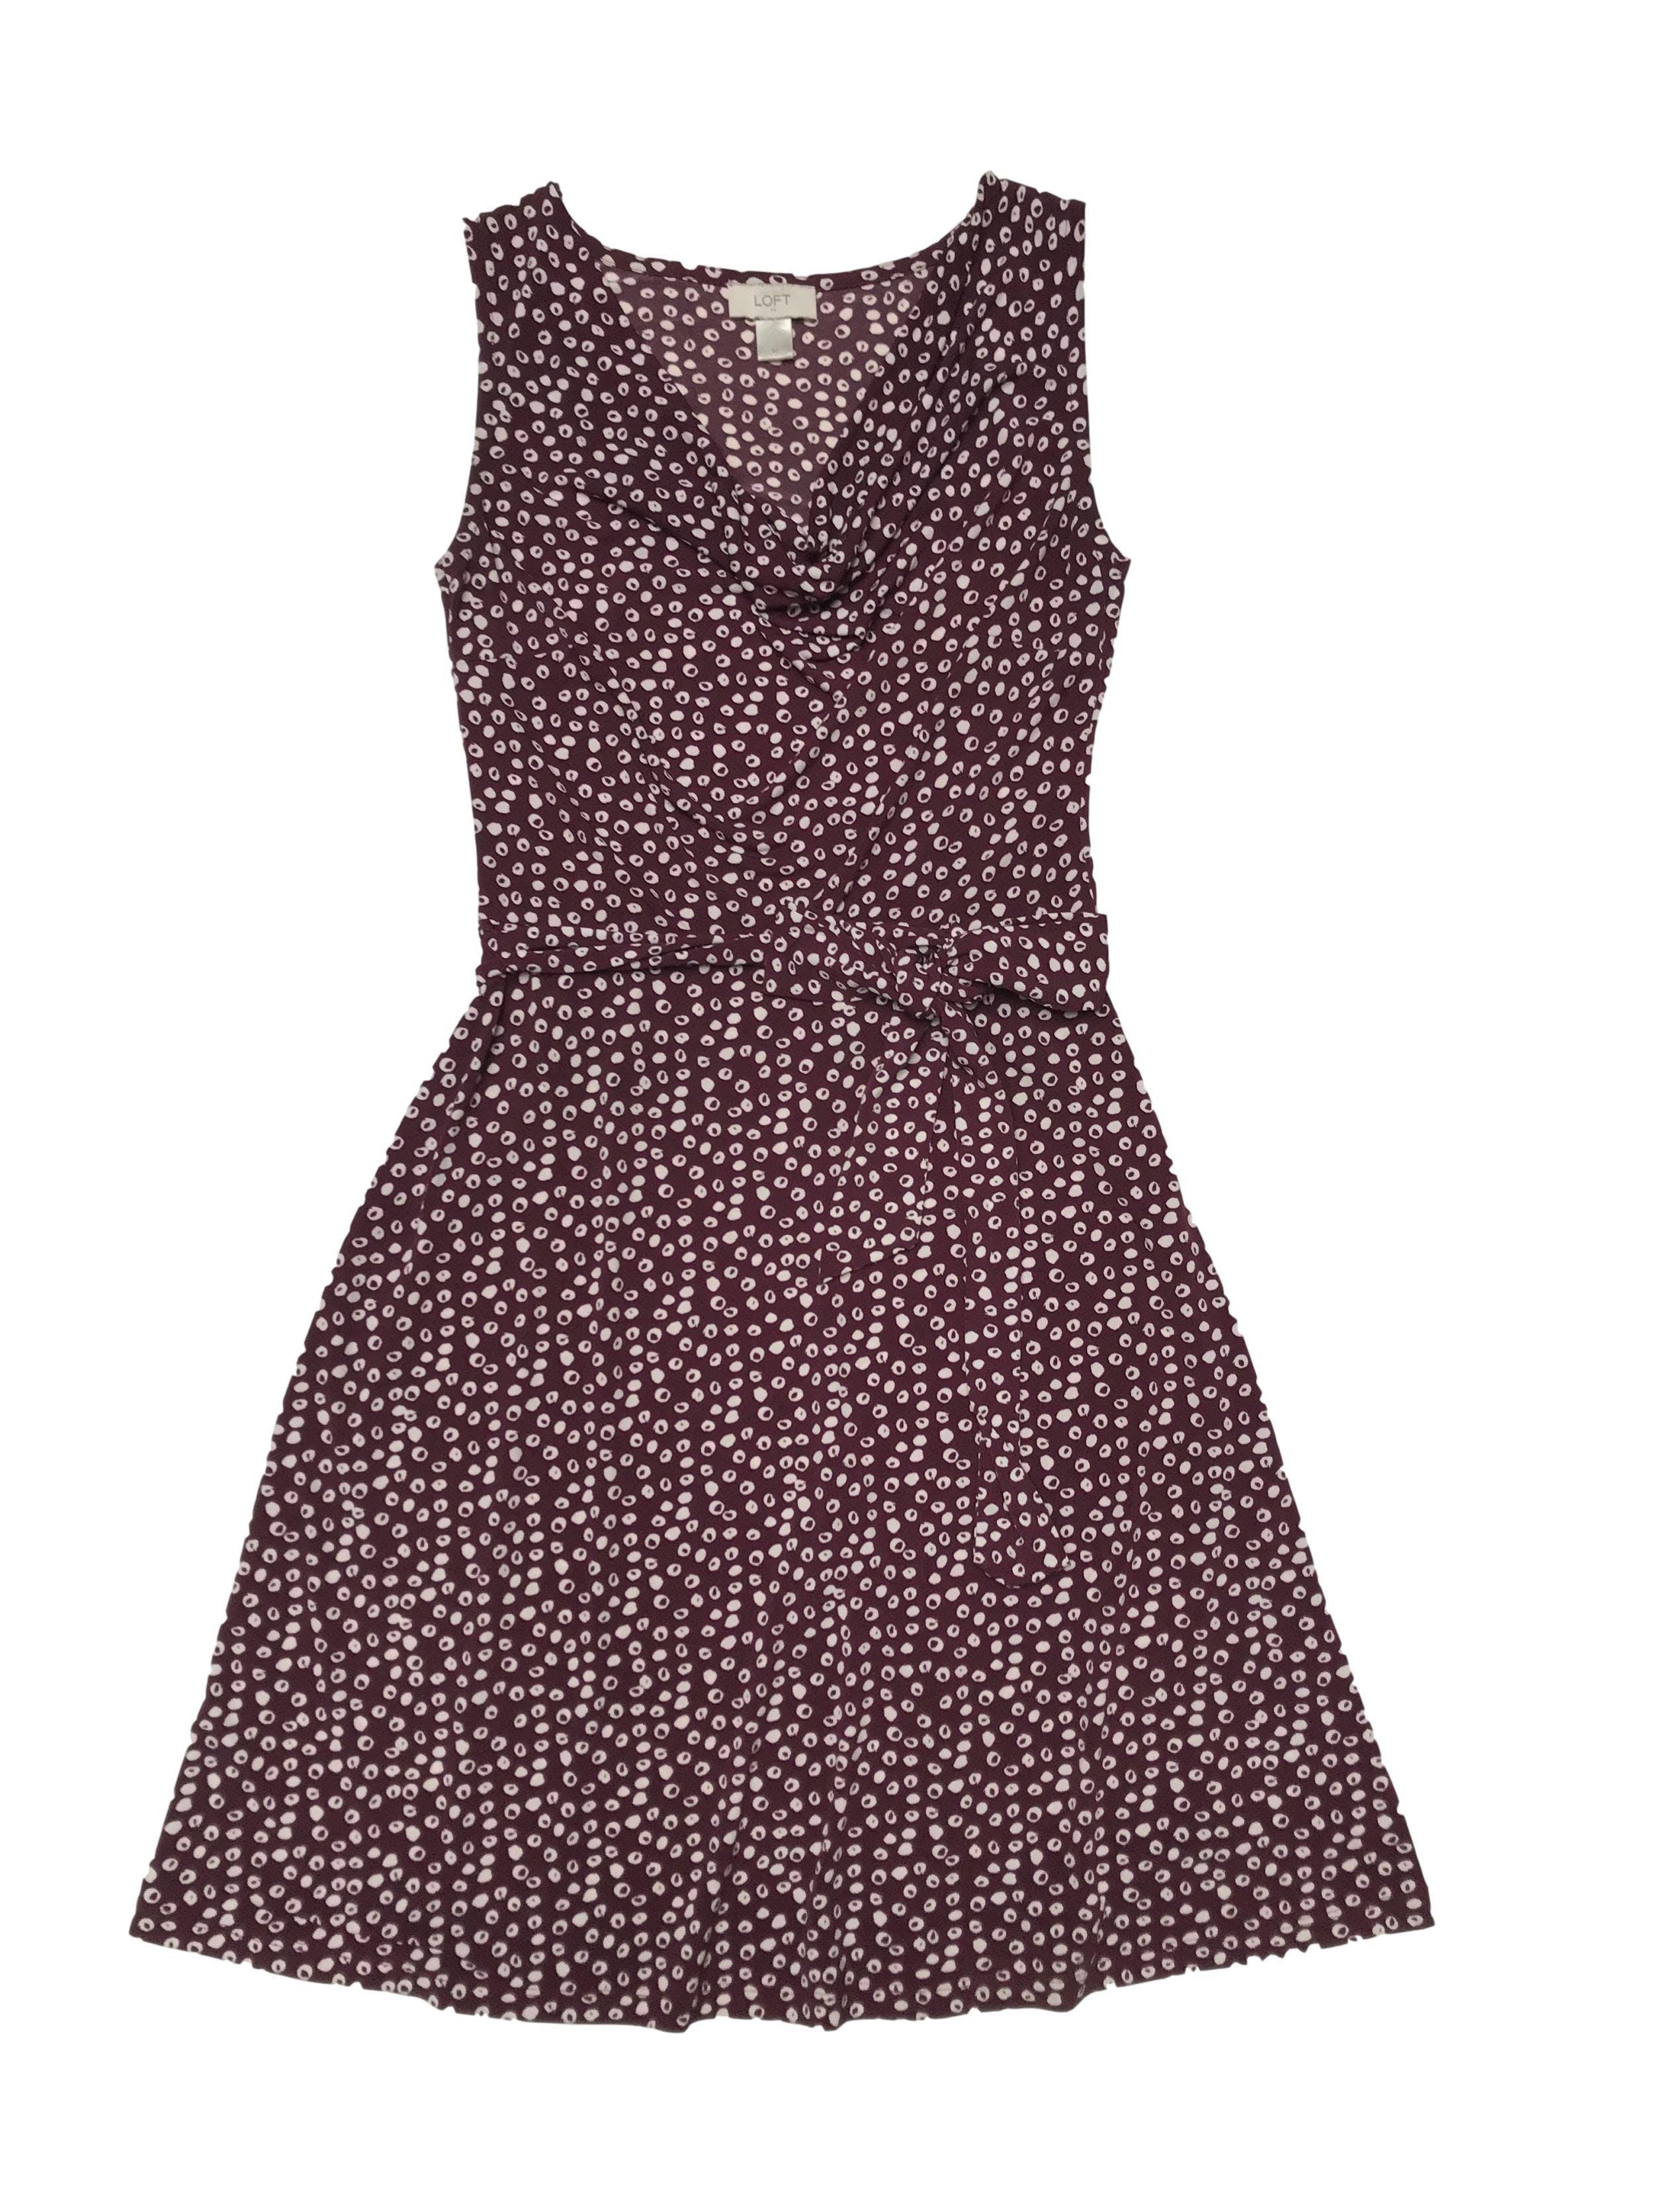 Vestido Loft de tela stretch guinda con print crema, cuello caído y lazo en la cintura. Largo 96cm